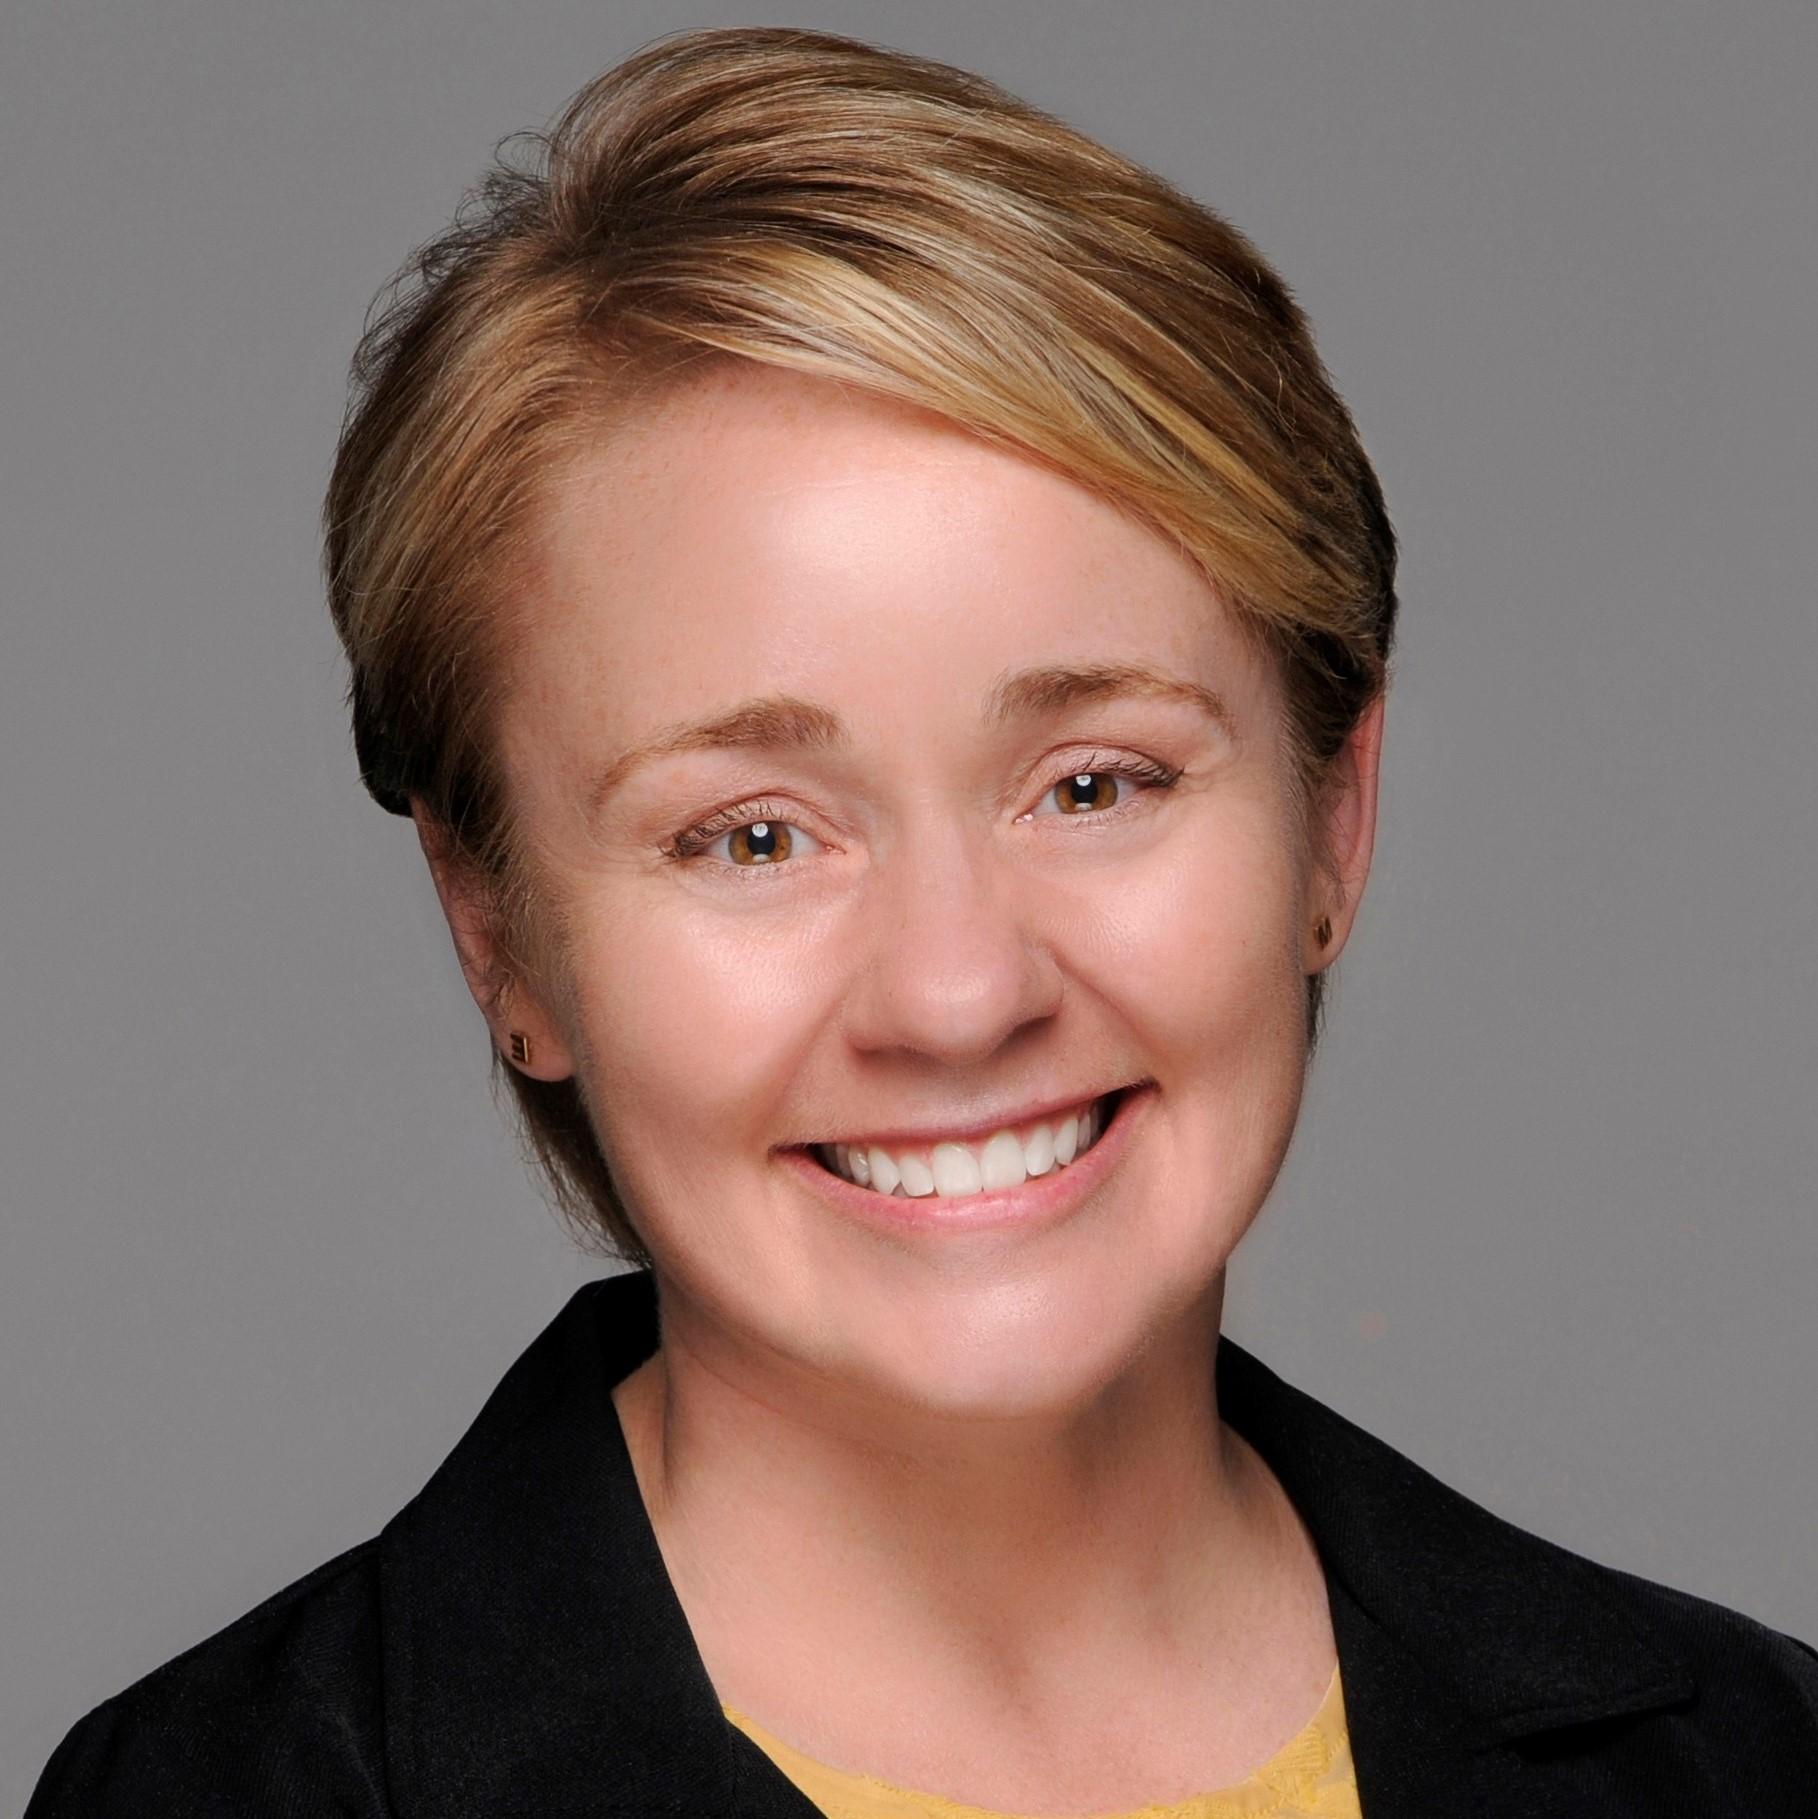 Elizabeth Cote